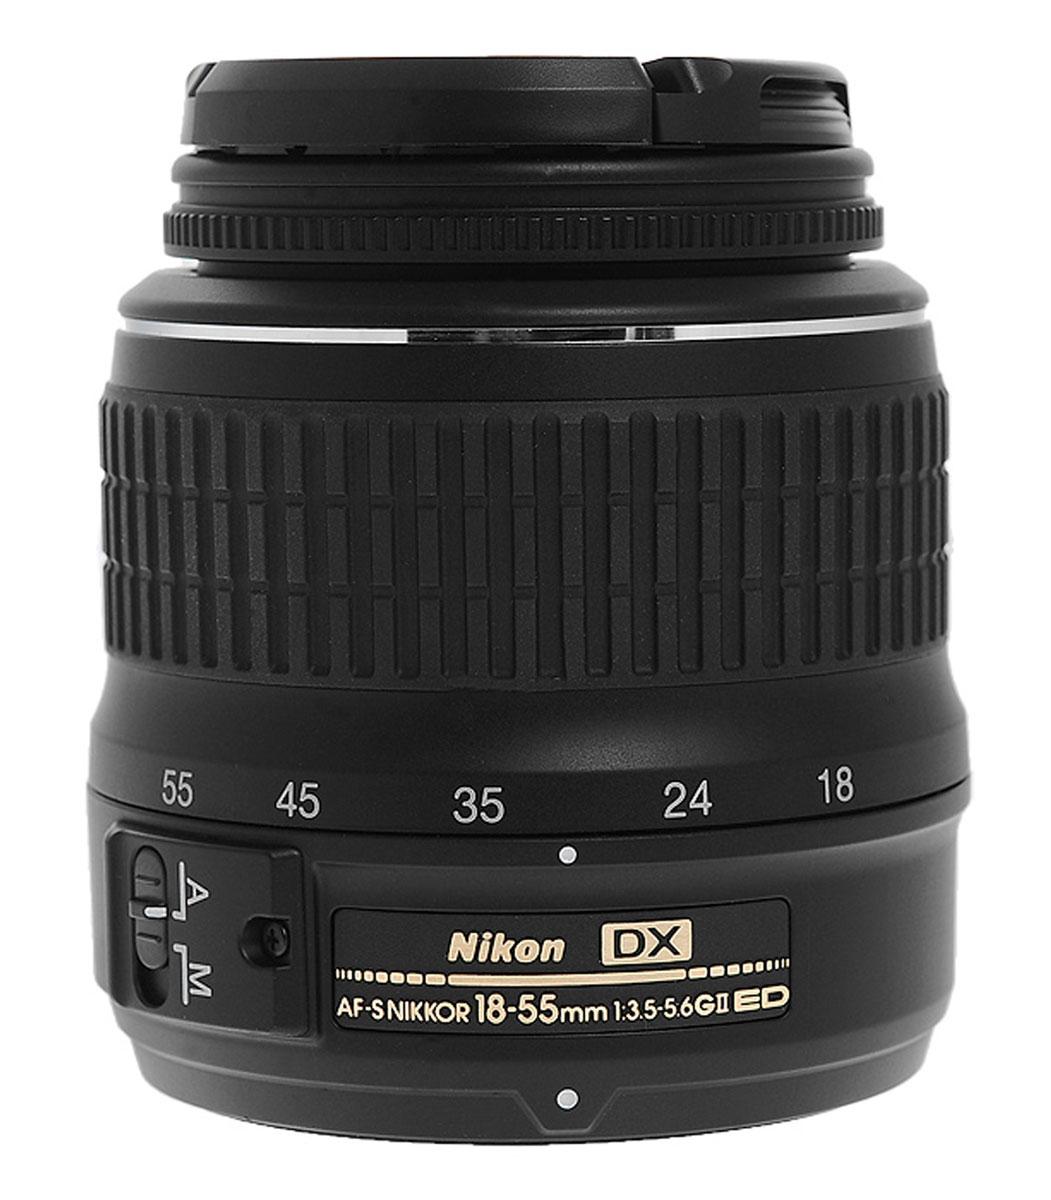 Nikon D5200 Kit 18-55 II, Black цифровая зеркальная камера